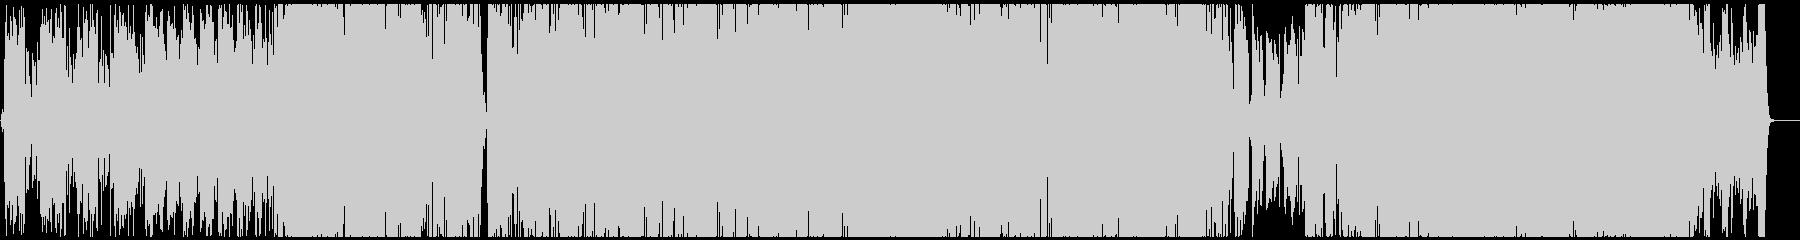 男性Vo アコギ主体の温かいポップスの未再生の波形